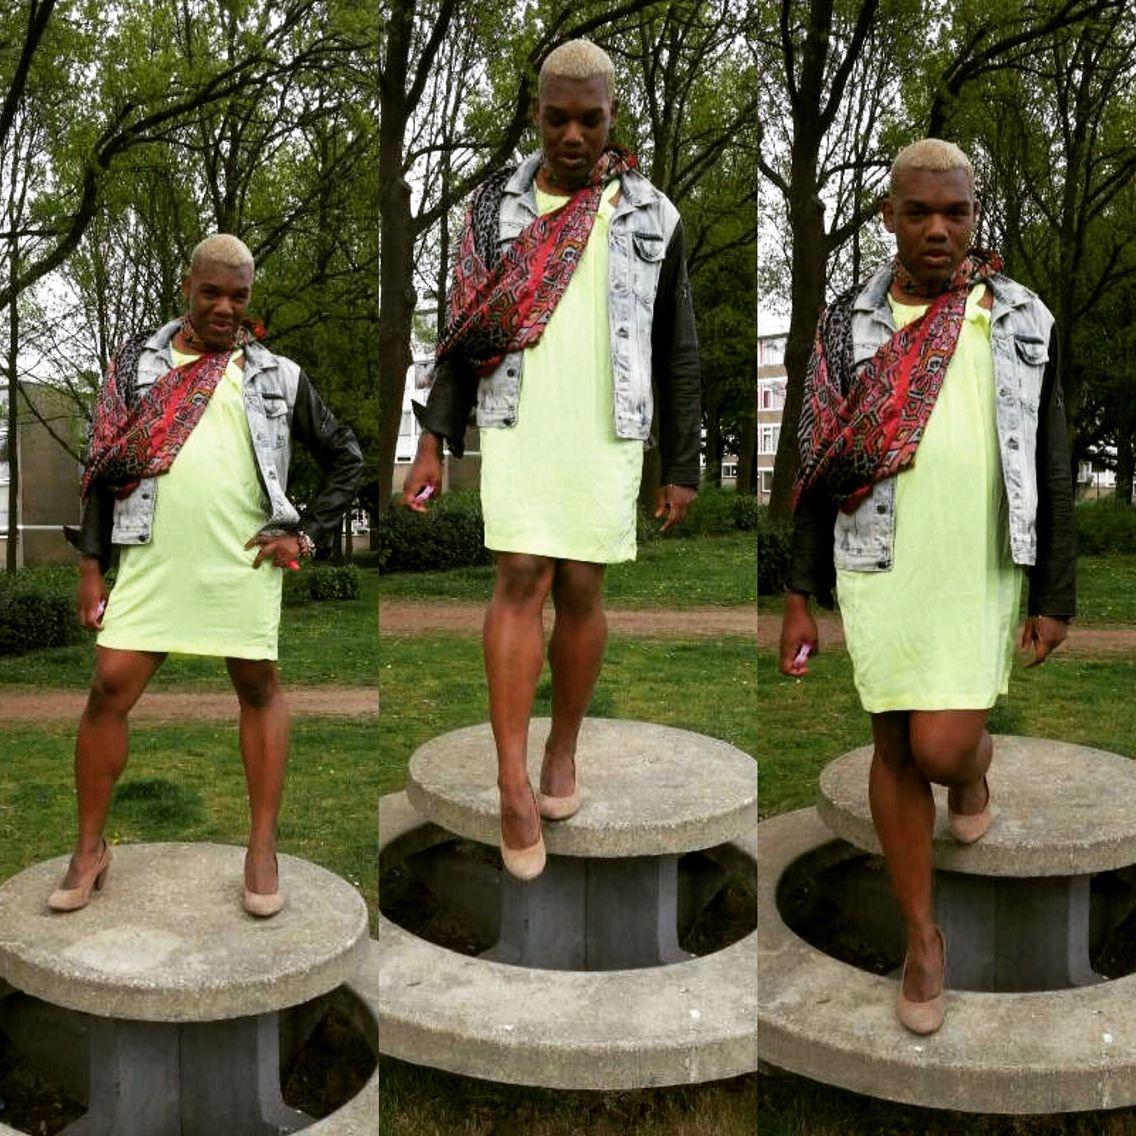 Transgender shemale dragqueen diva model H&M Zara